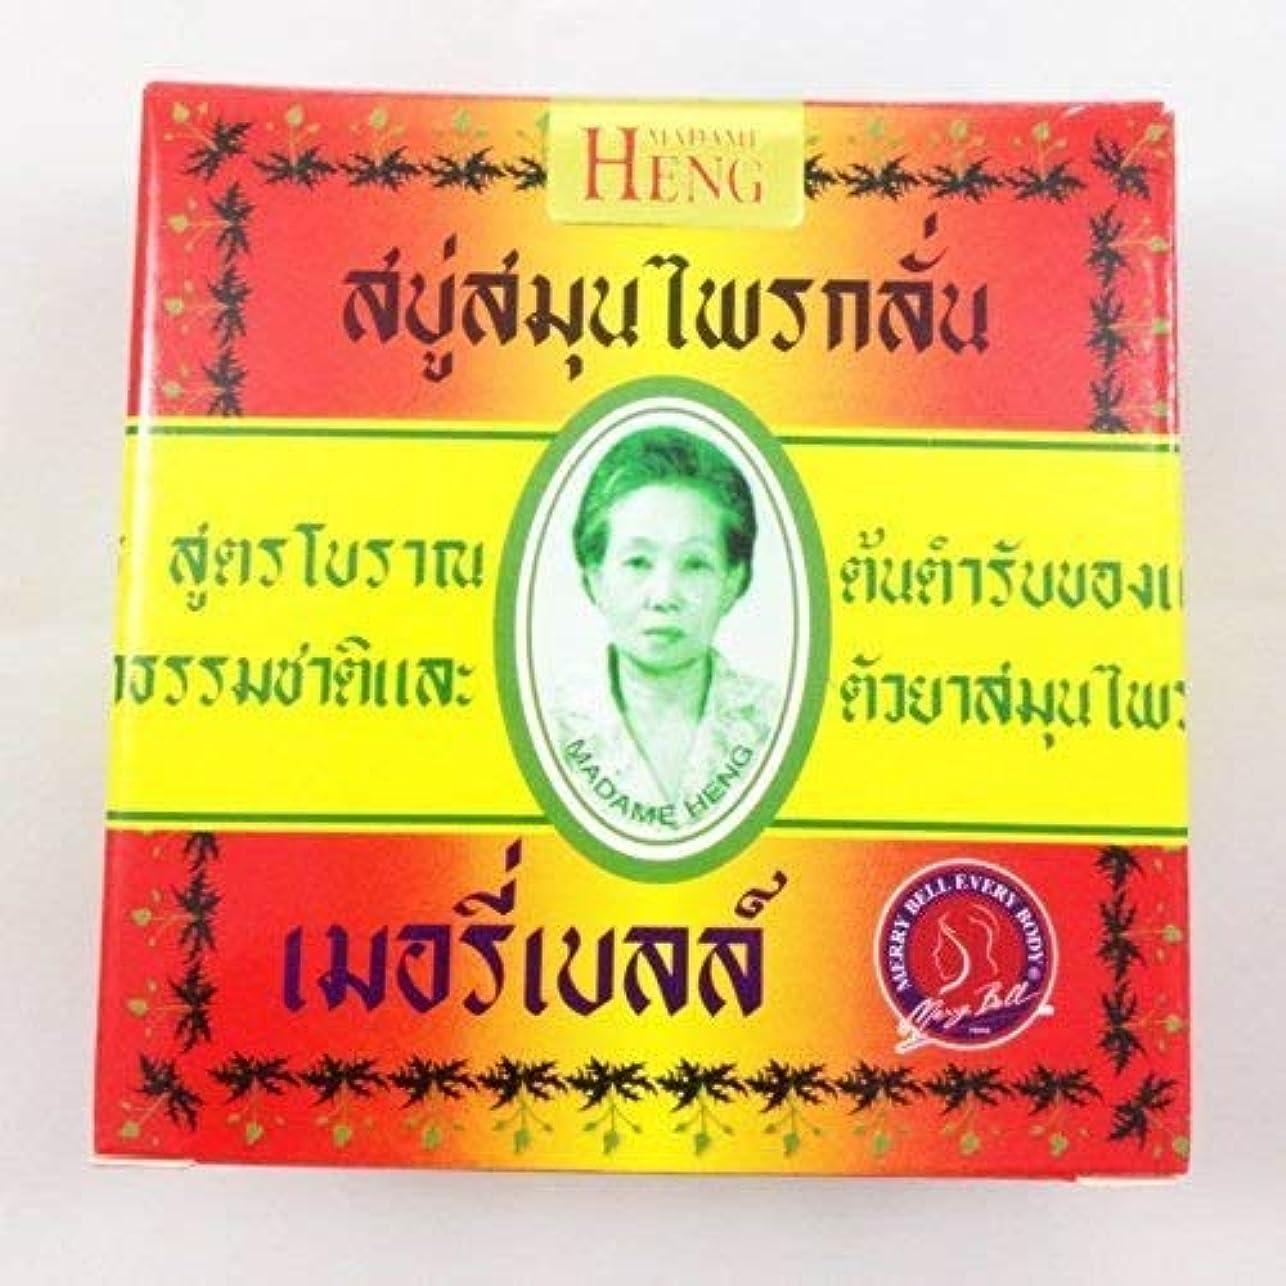 認知折り目女王Madame Heng Thai Original Natural Herbal Soap Bar Made in Thailand 160gx2pcs by Ni Yom Thai shop